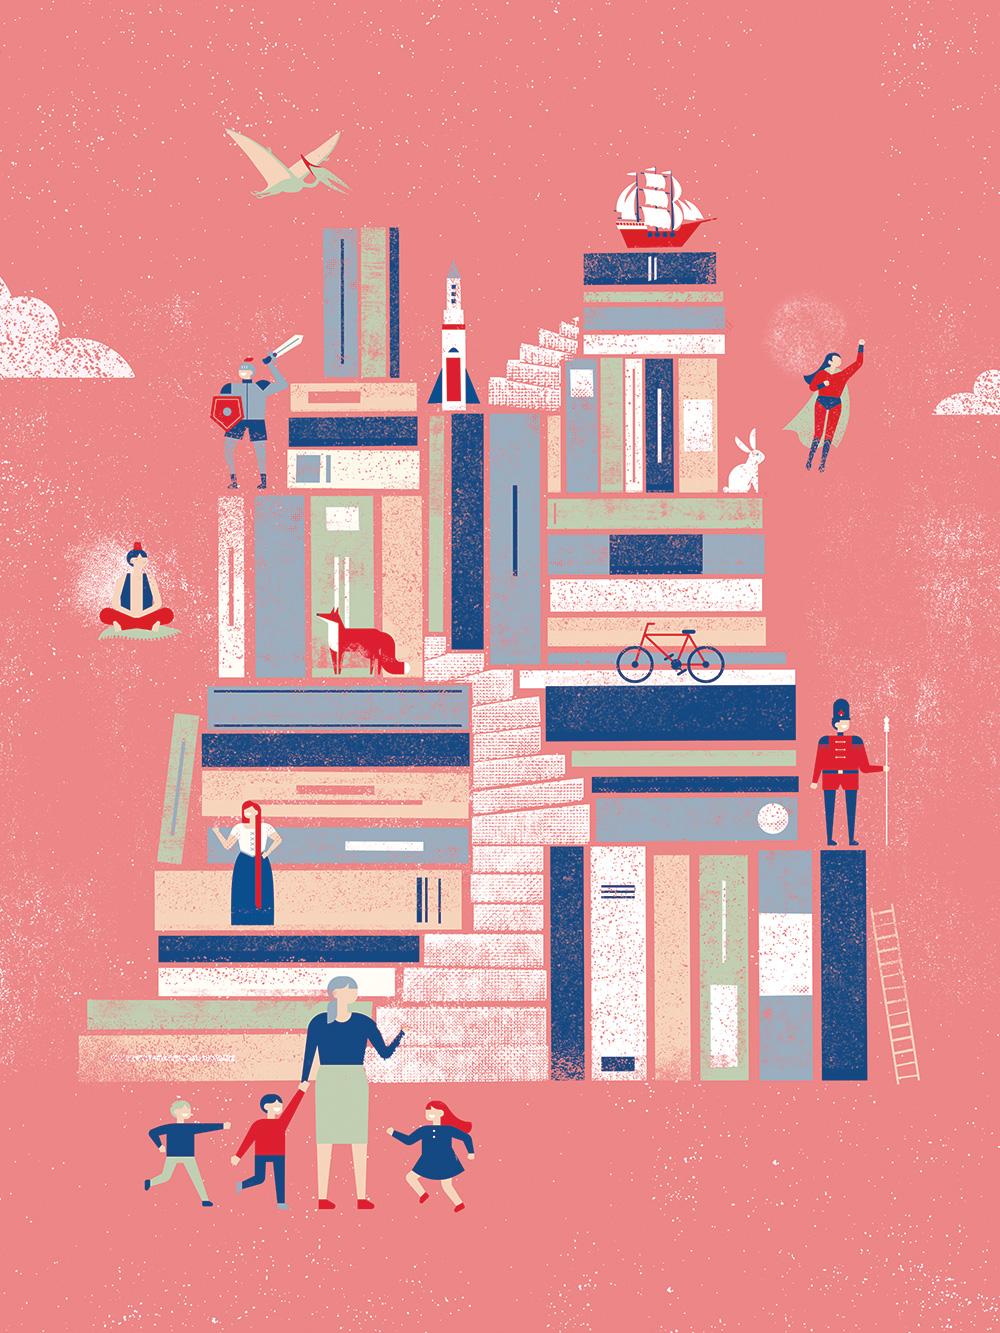 Lire et faire lire - Identité visuelle Rencontres nationales 2019 - Illustration